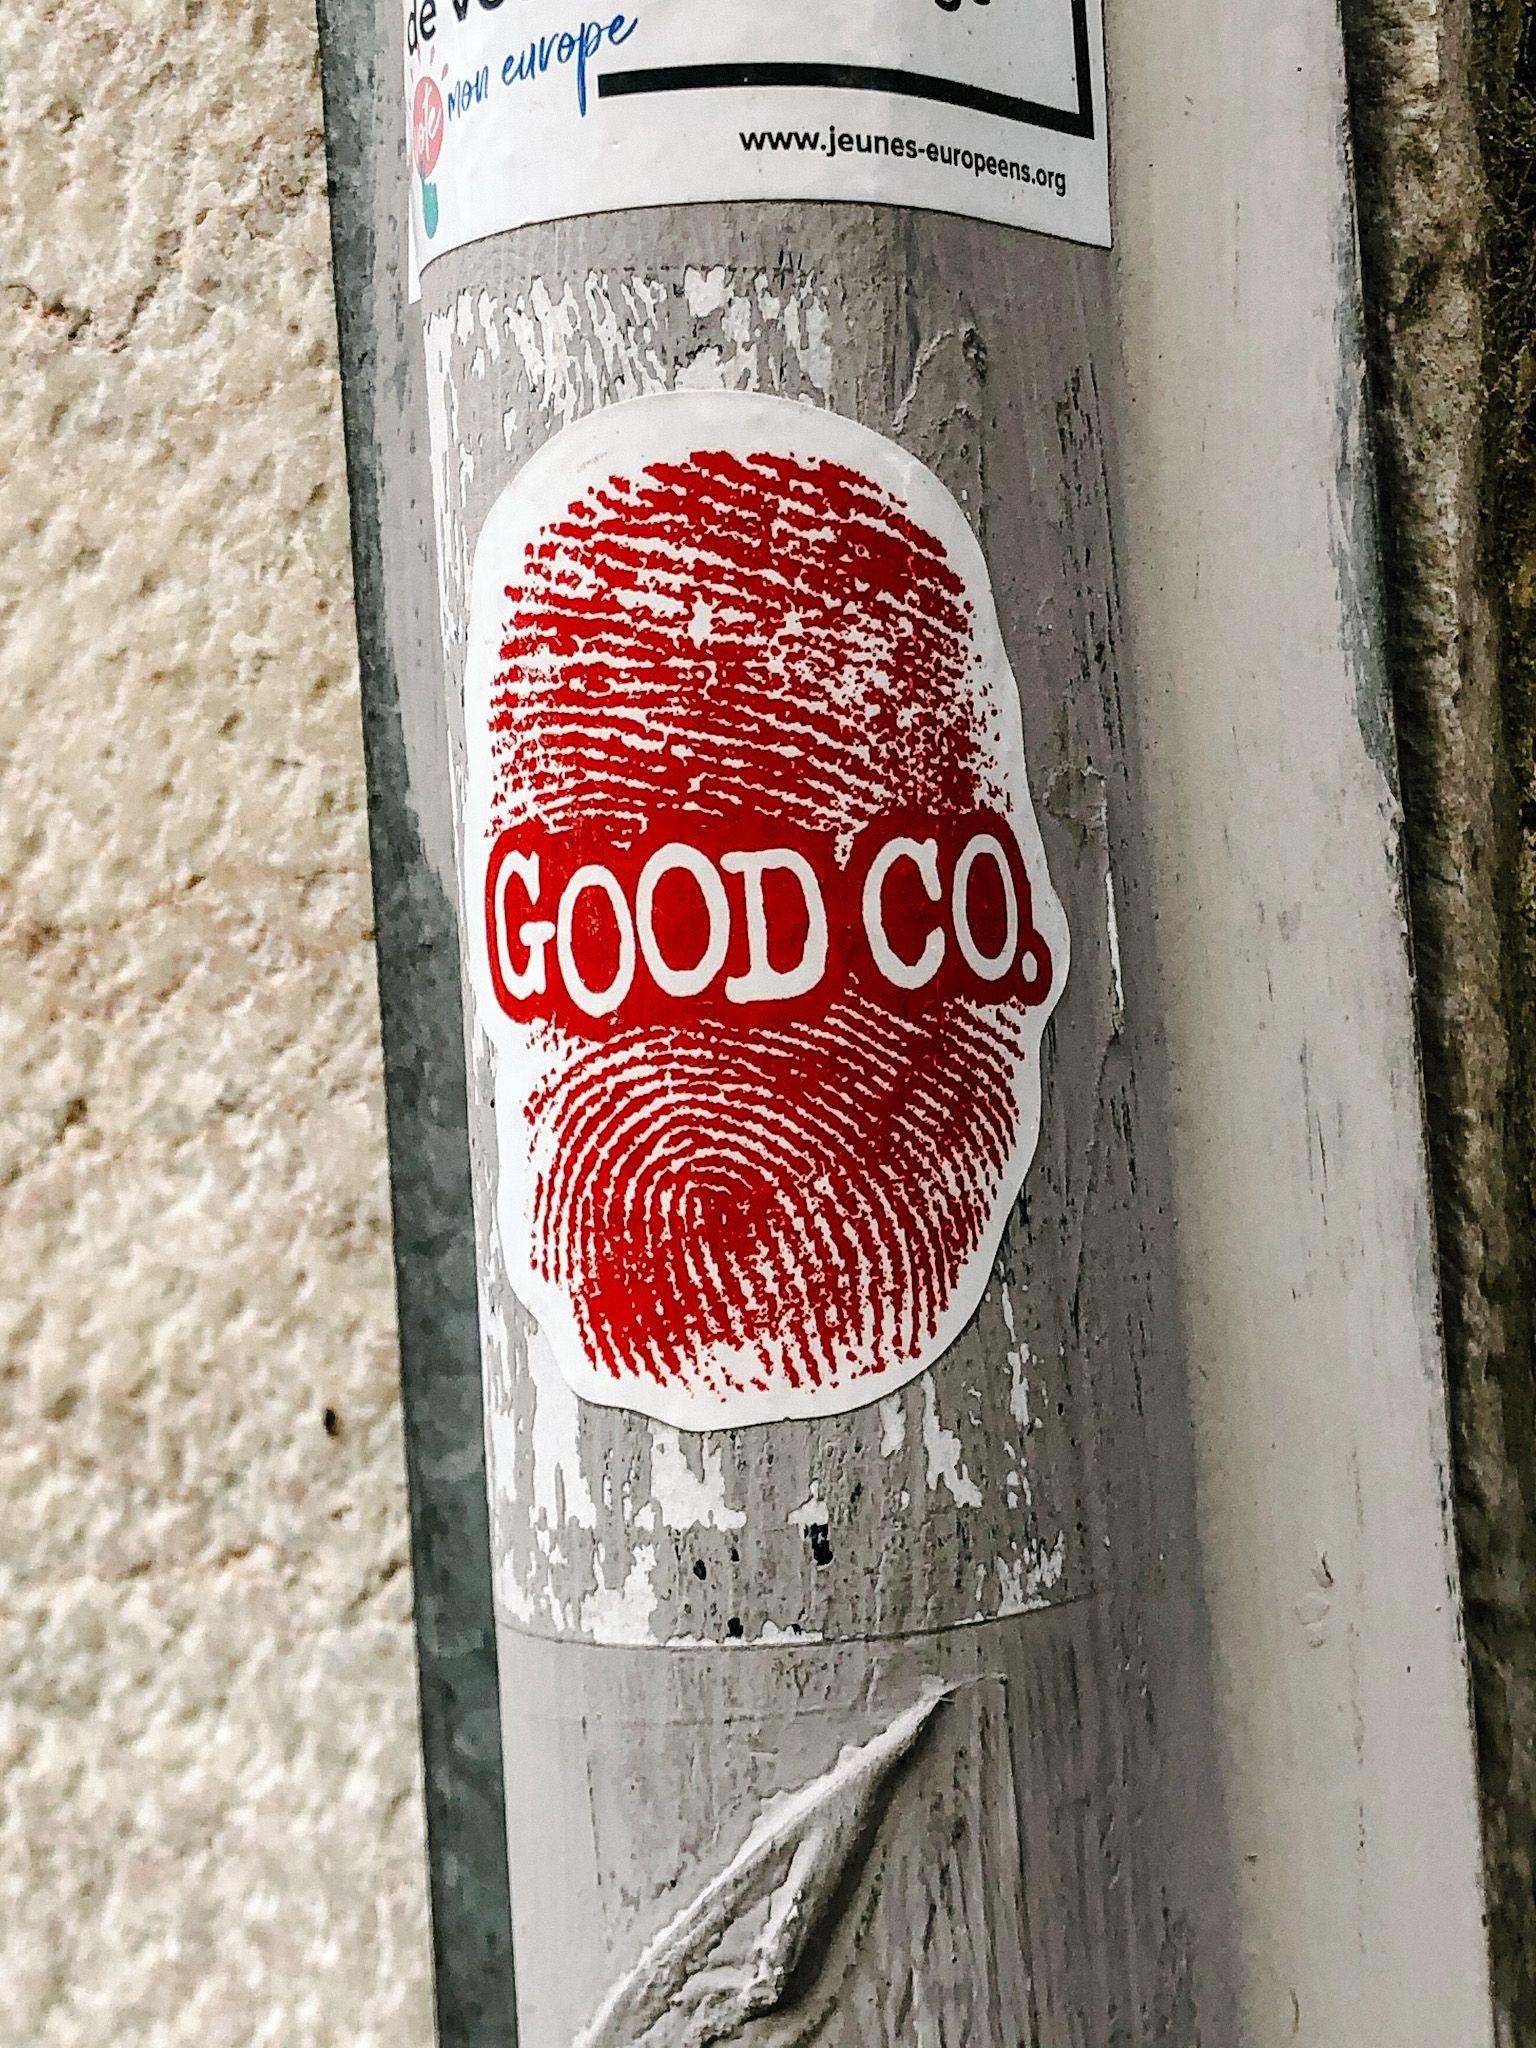 goodco